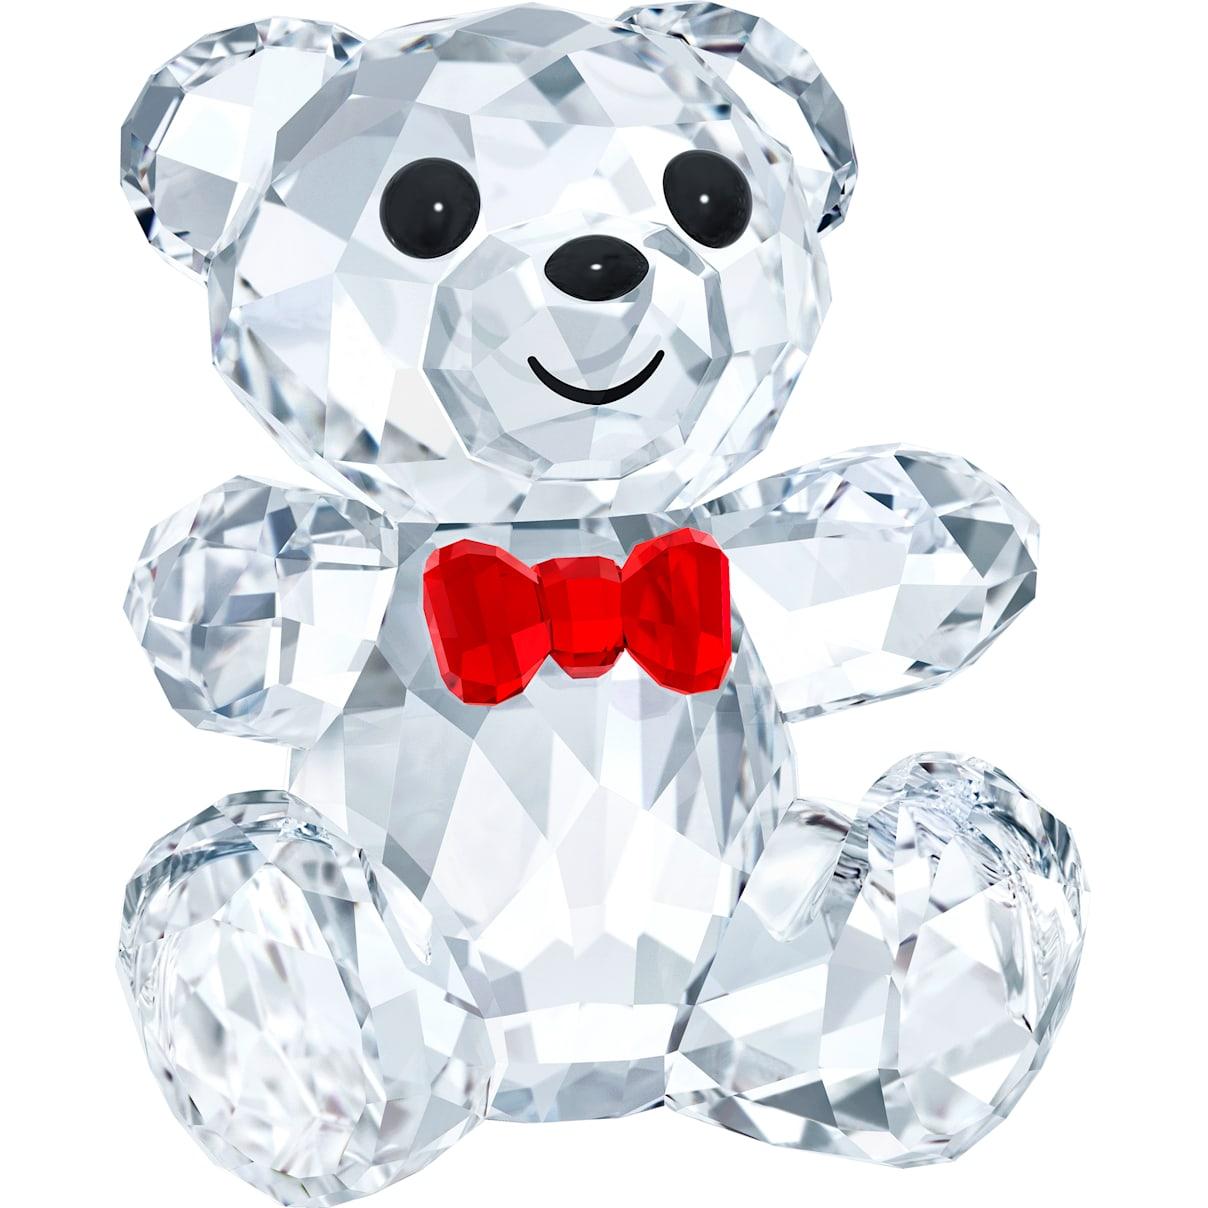 Swarovski Kris Bear - I am big now